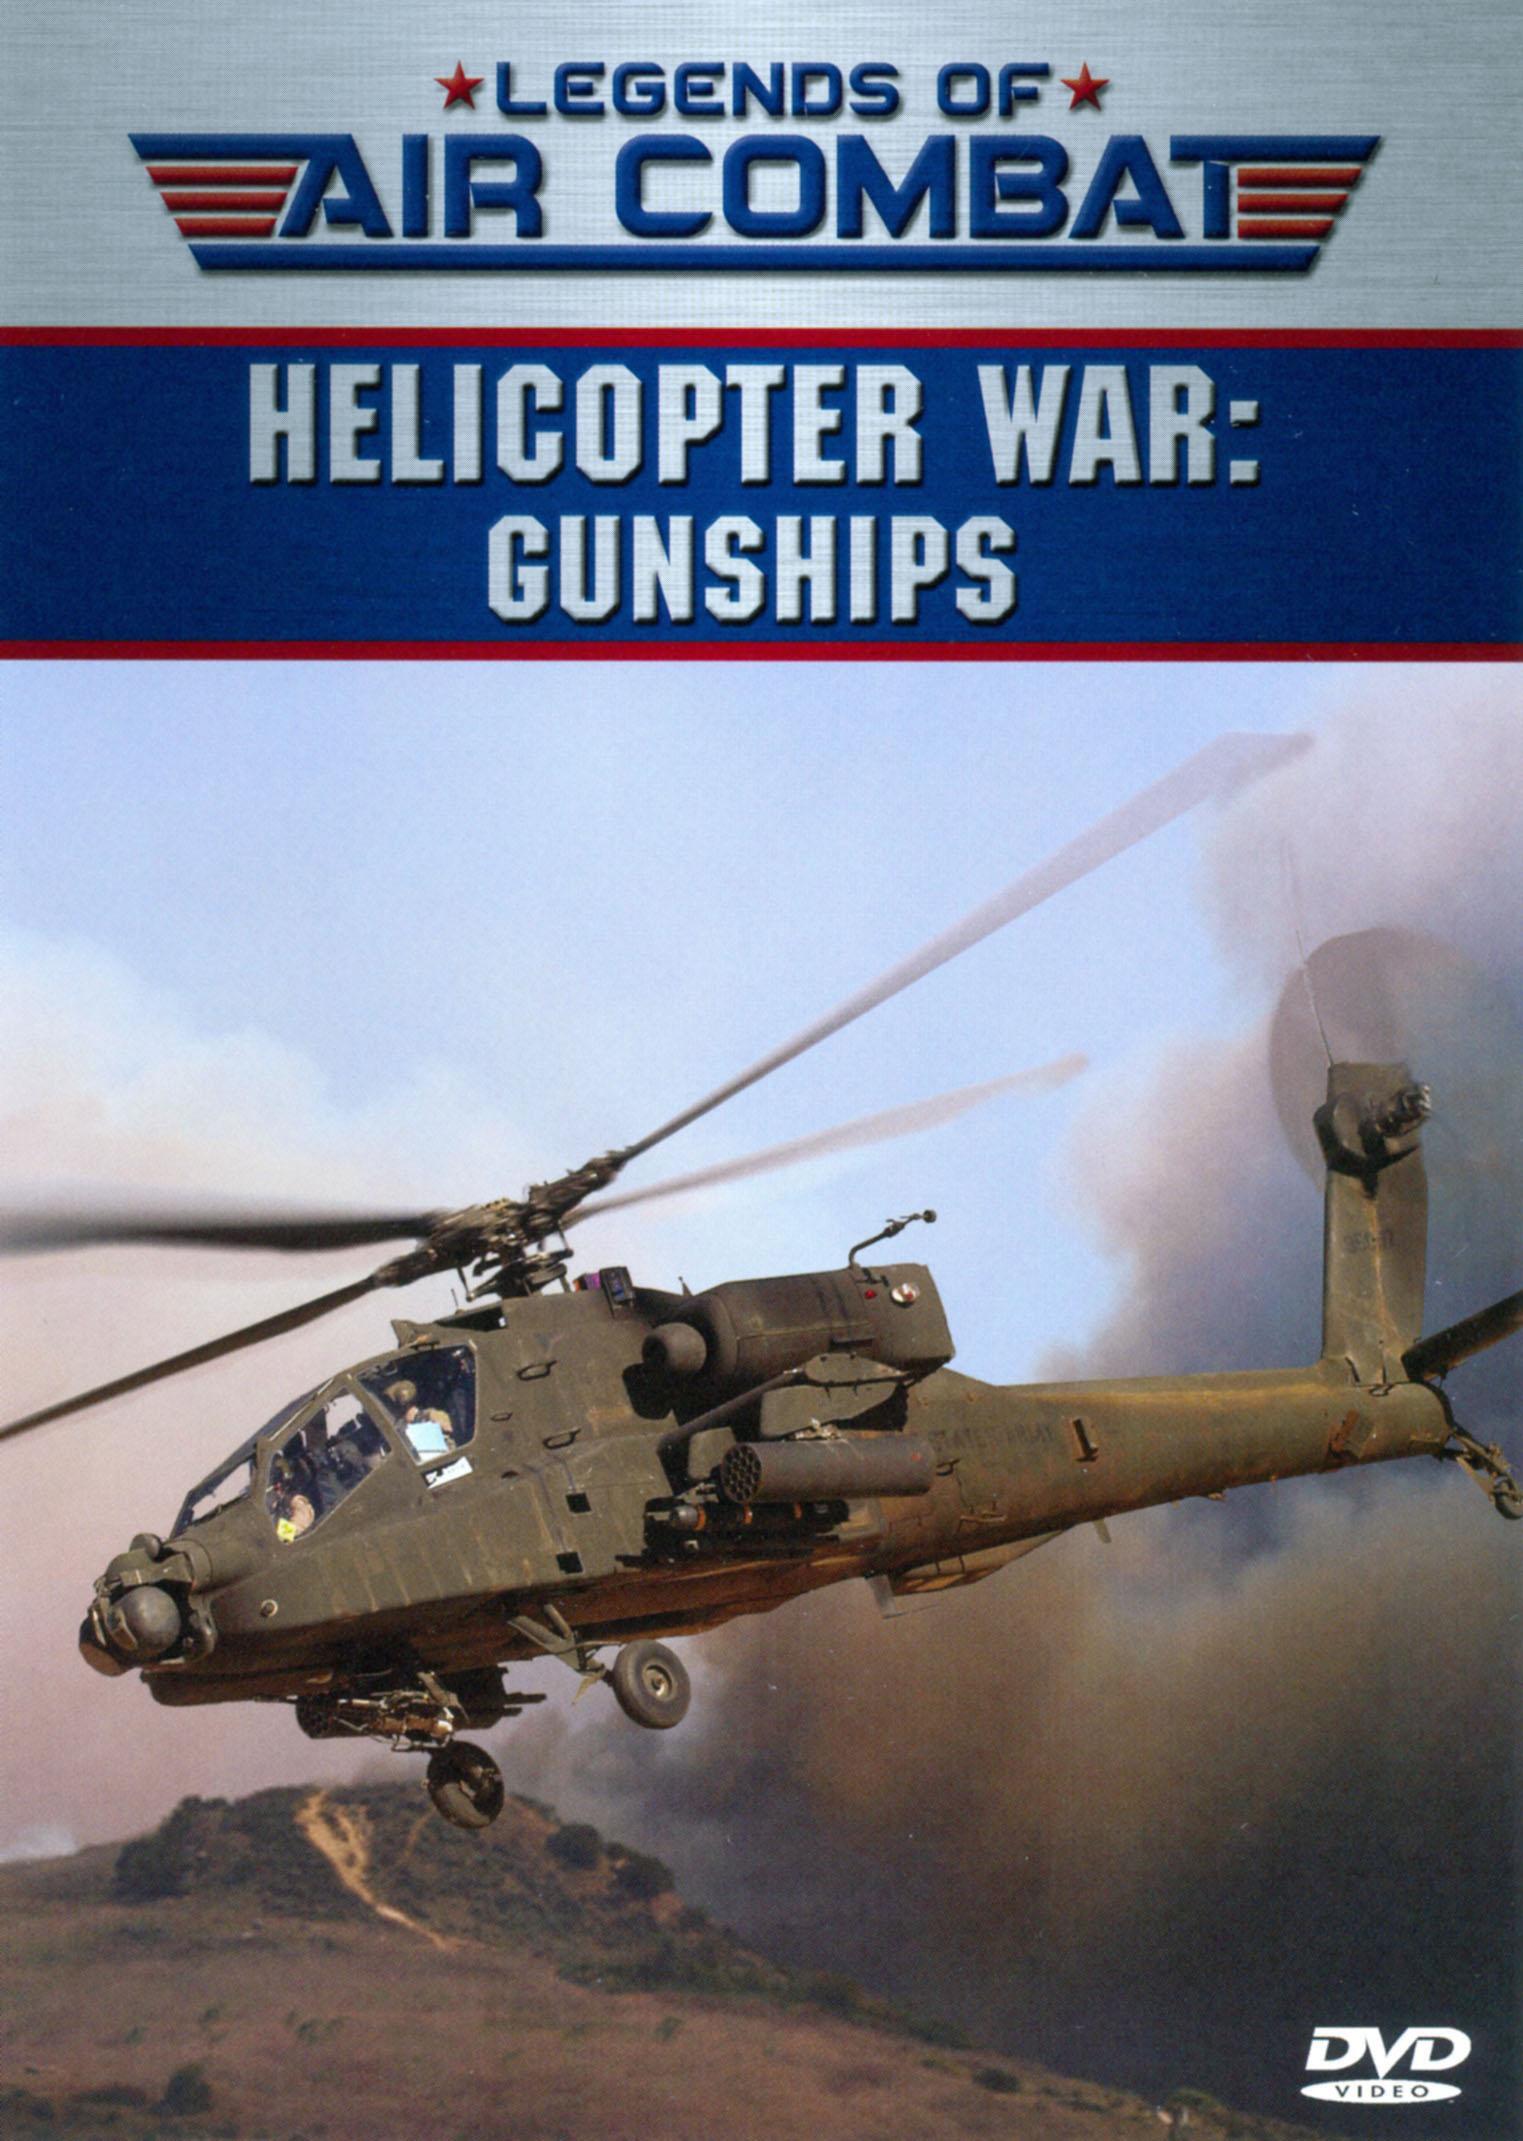 Legends of Air Combat: Helicopter War - Gunships